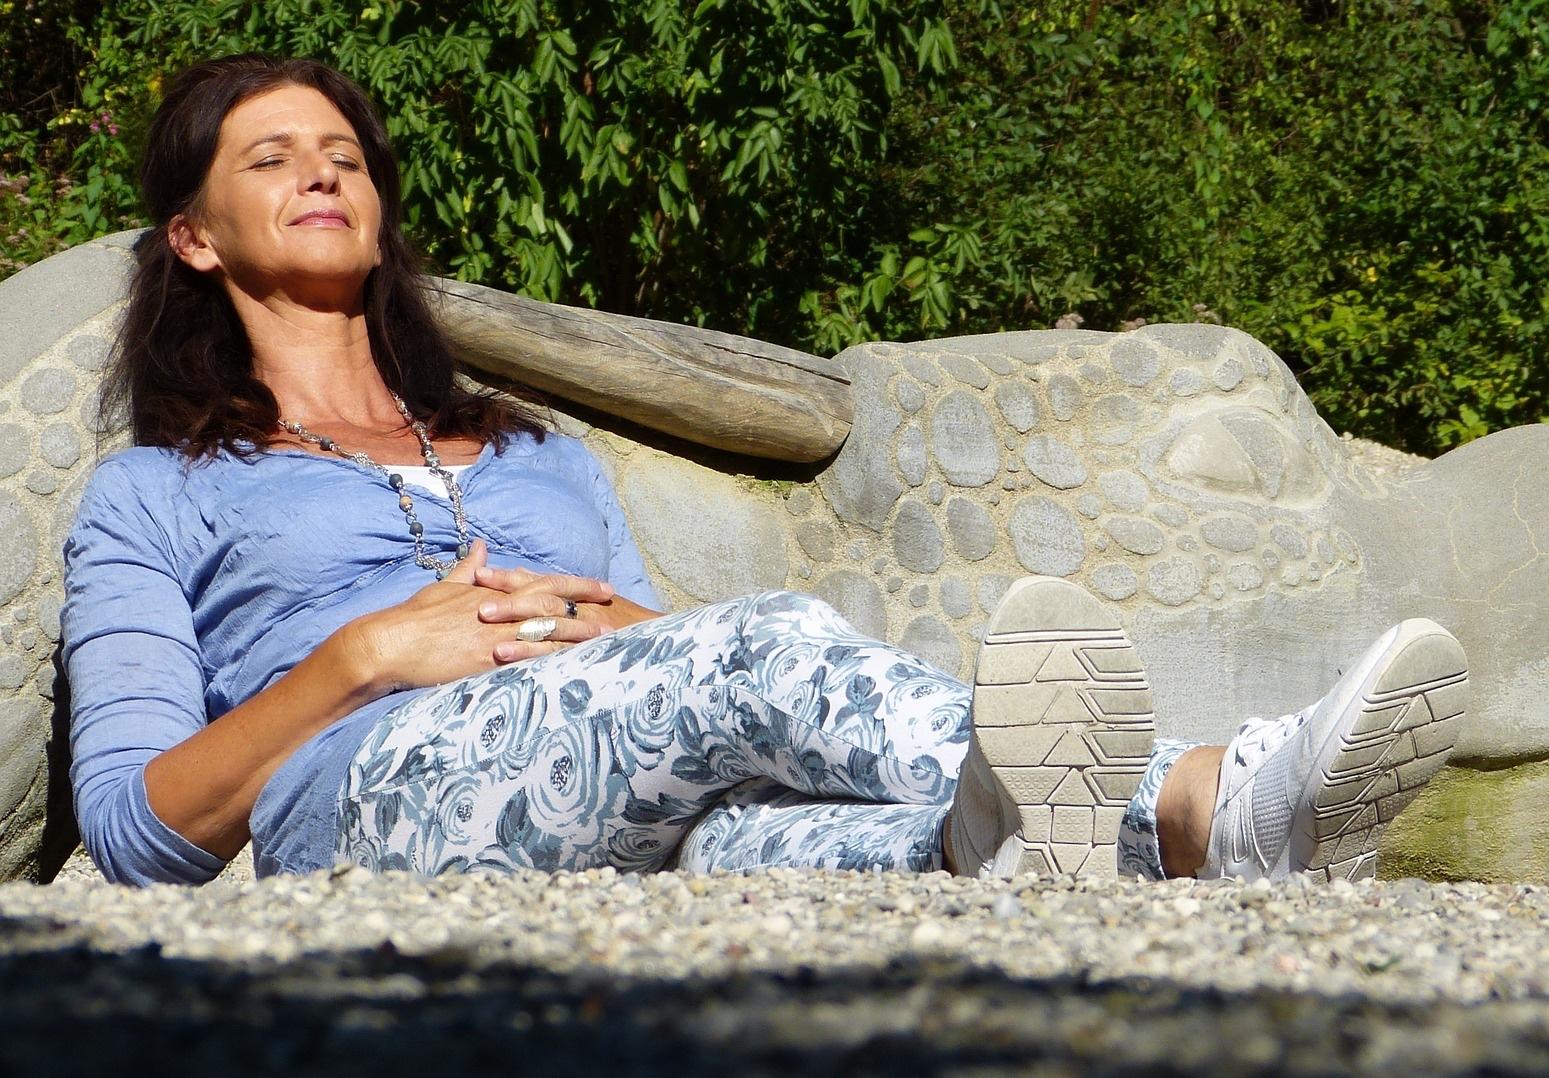 Menopausa - Le donne in menopausa subiscono cambiamenti a livello corporeo a causa dello scompenso ormonale derivante dalla perdita del ciclo mestruale. La silhouette si trasforma e la prima zona a modificarsi è proprio l'addome.In questa fase della vita così delicata è importante controllare il peso corporeo con un'alimentazione bilanciata e dell'attività fisica costante. Fare sport, inoltre, aumenta la produzione di calcio, indispensabile per contrastare l'osteoporosi.